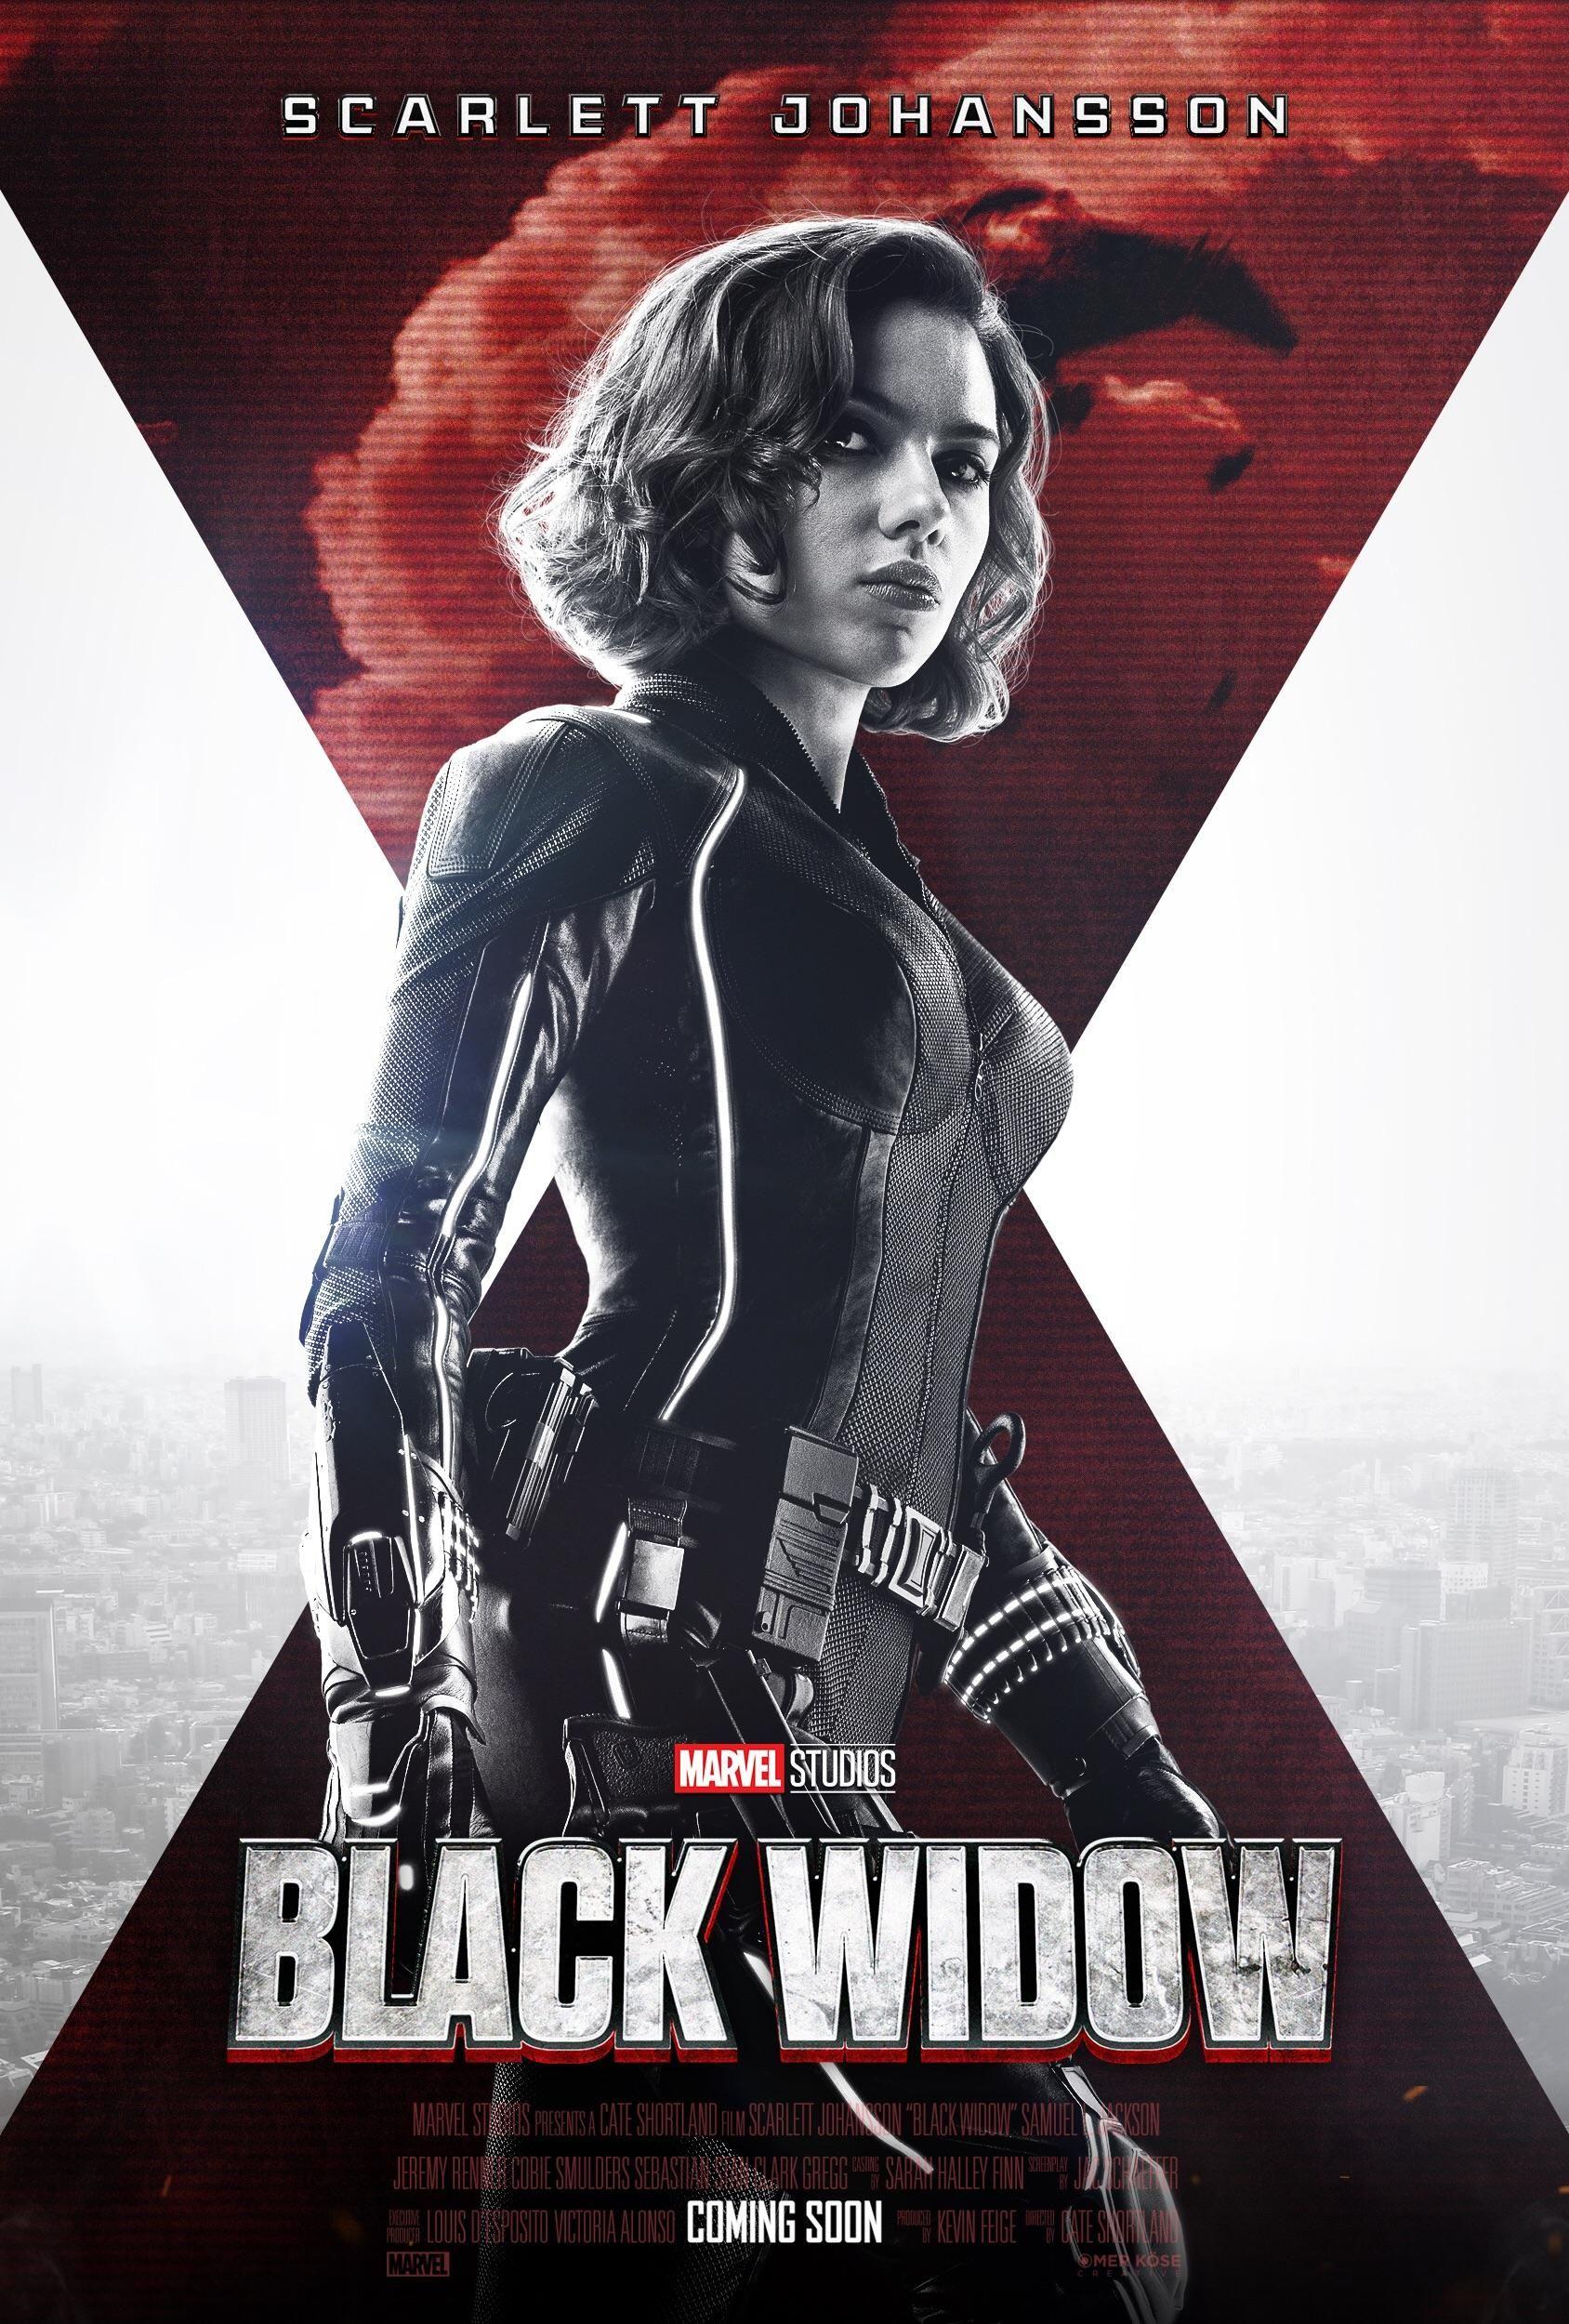 New Movie Black Widow Movies Black Widow Marvel Black Widow Black Widow Movie